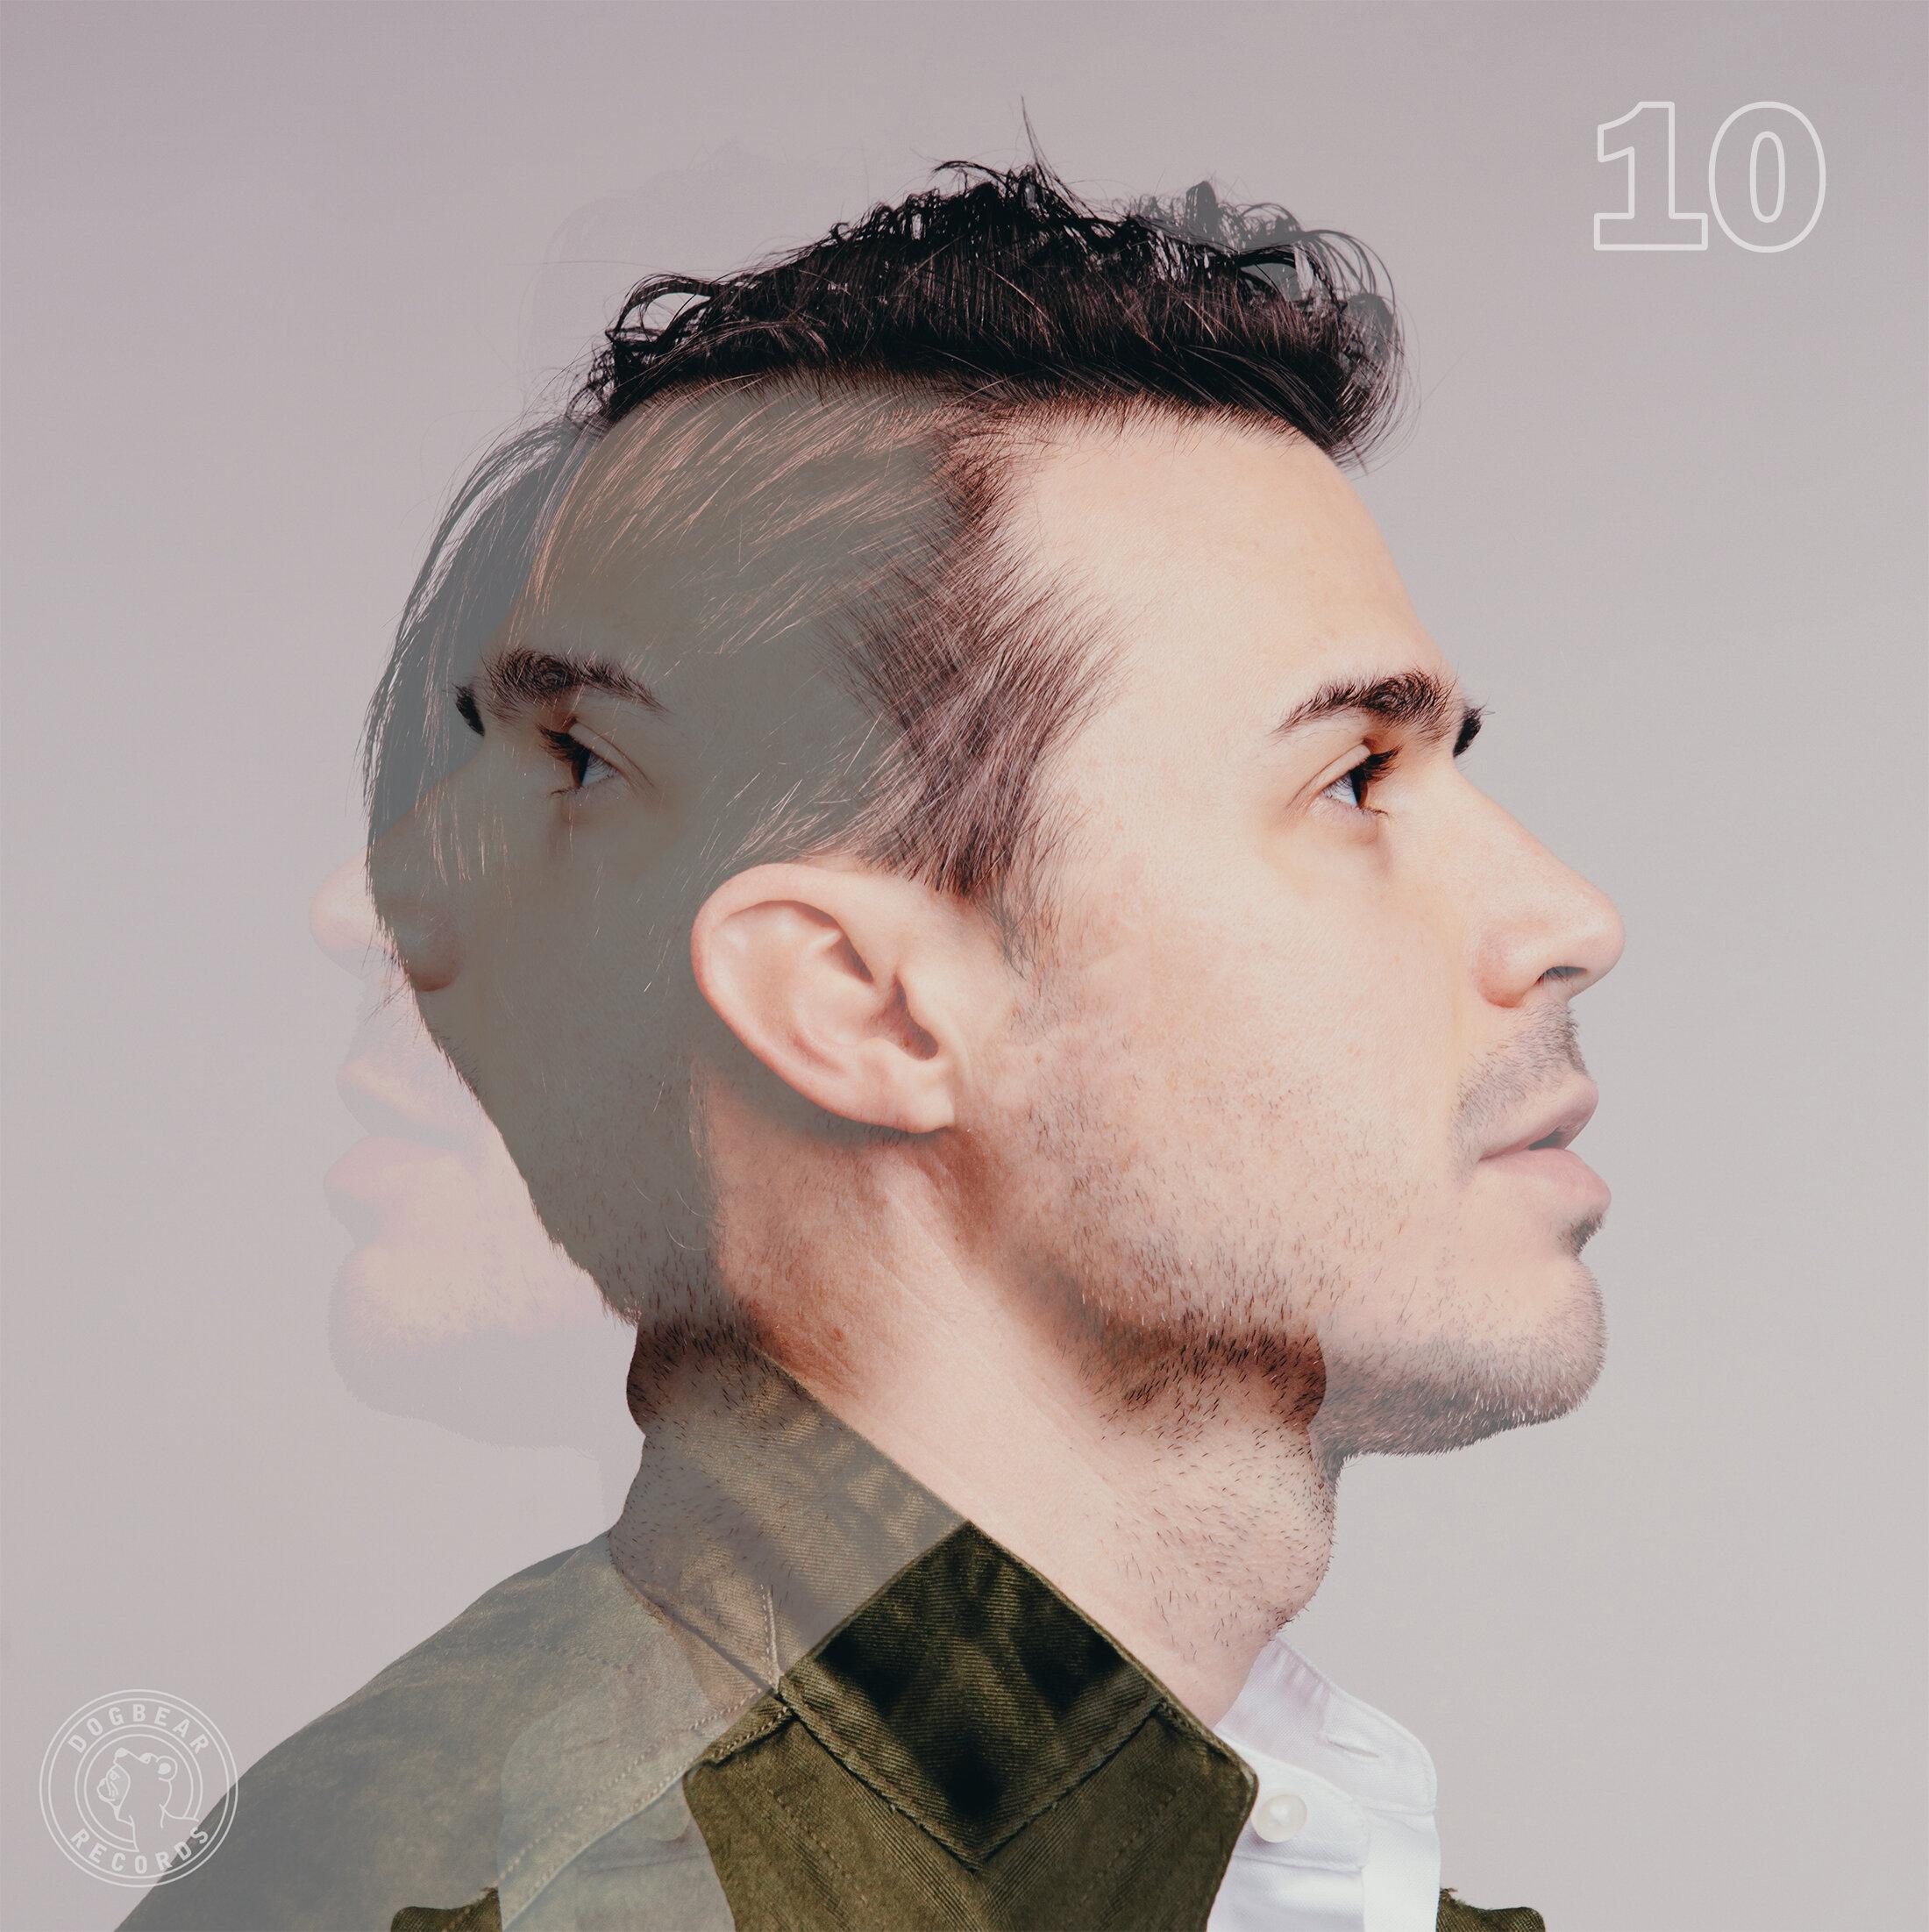 10 Cover.jpg